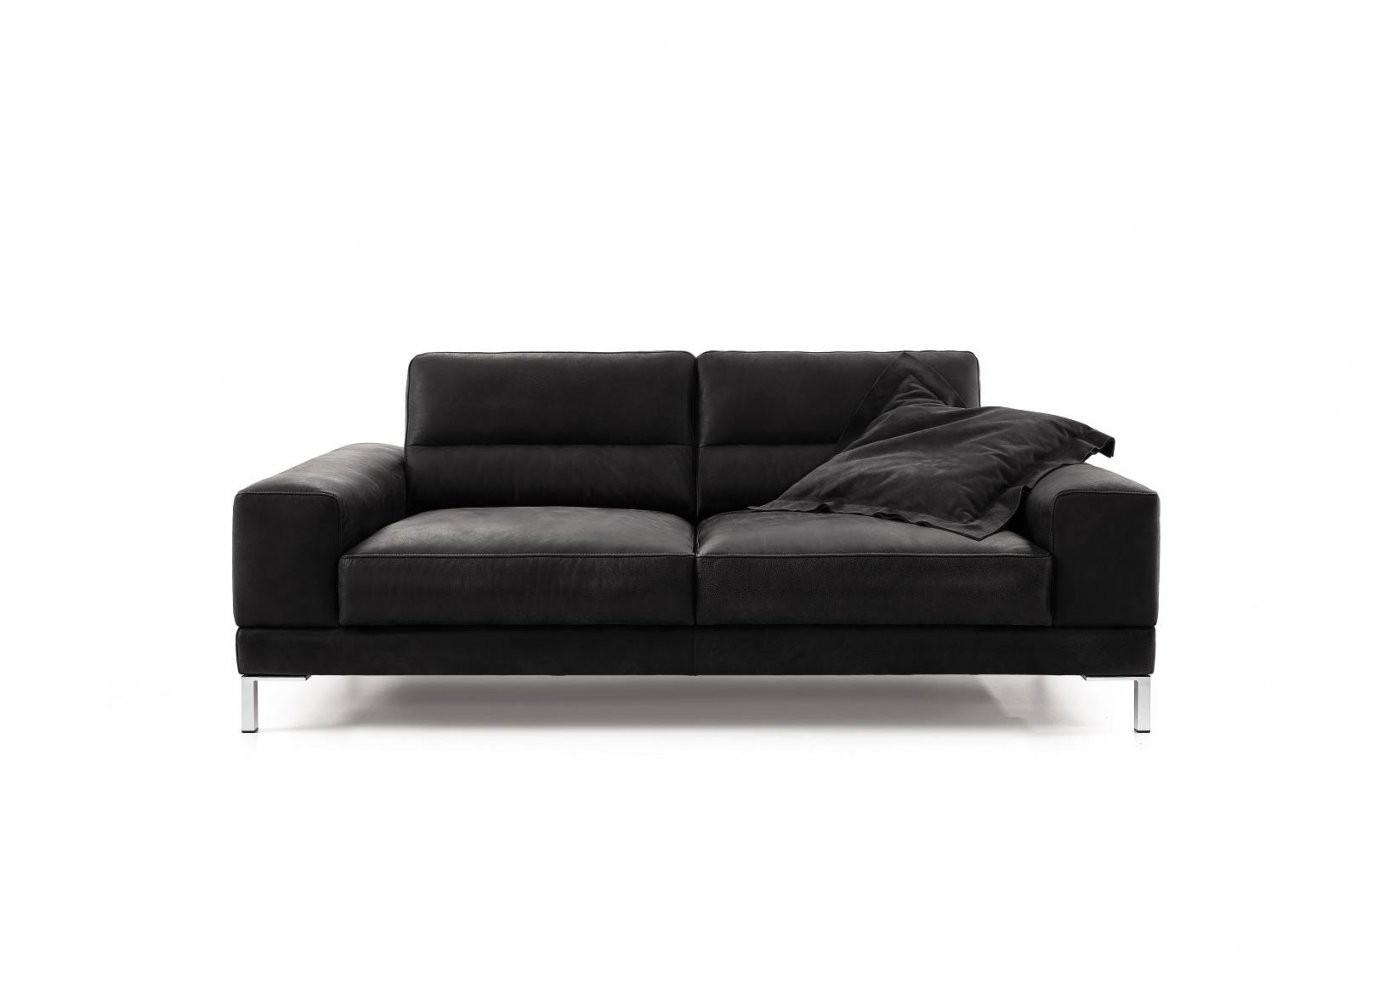 4Sitzersofa In Lederstoff Bei Mokana Möbel Enschede Kaufen von Sofa 4 Sitzer Leder Photo